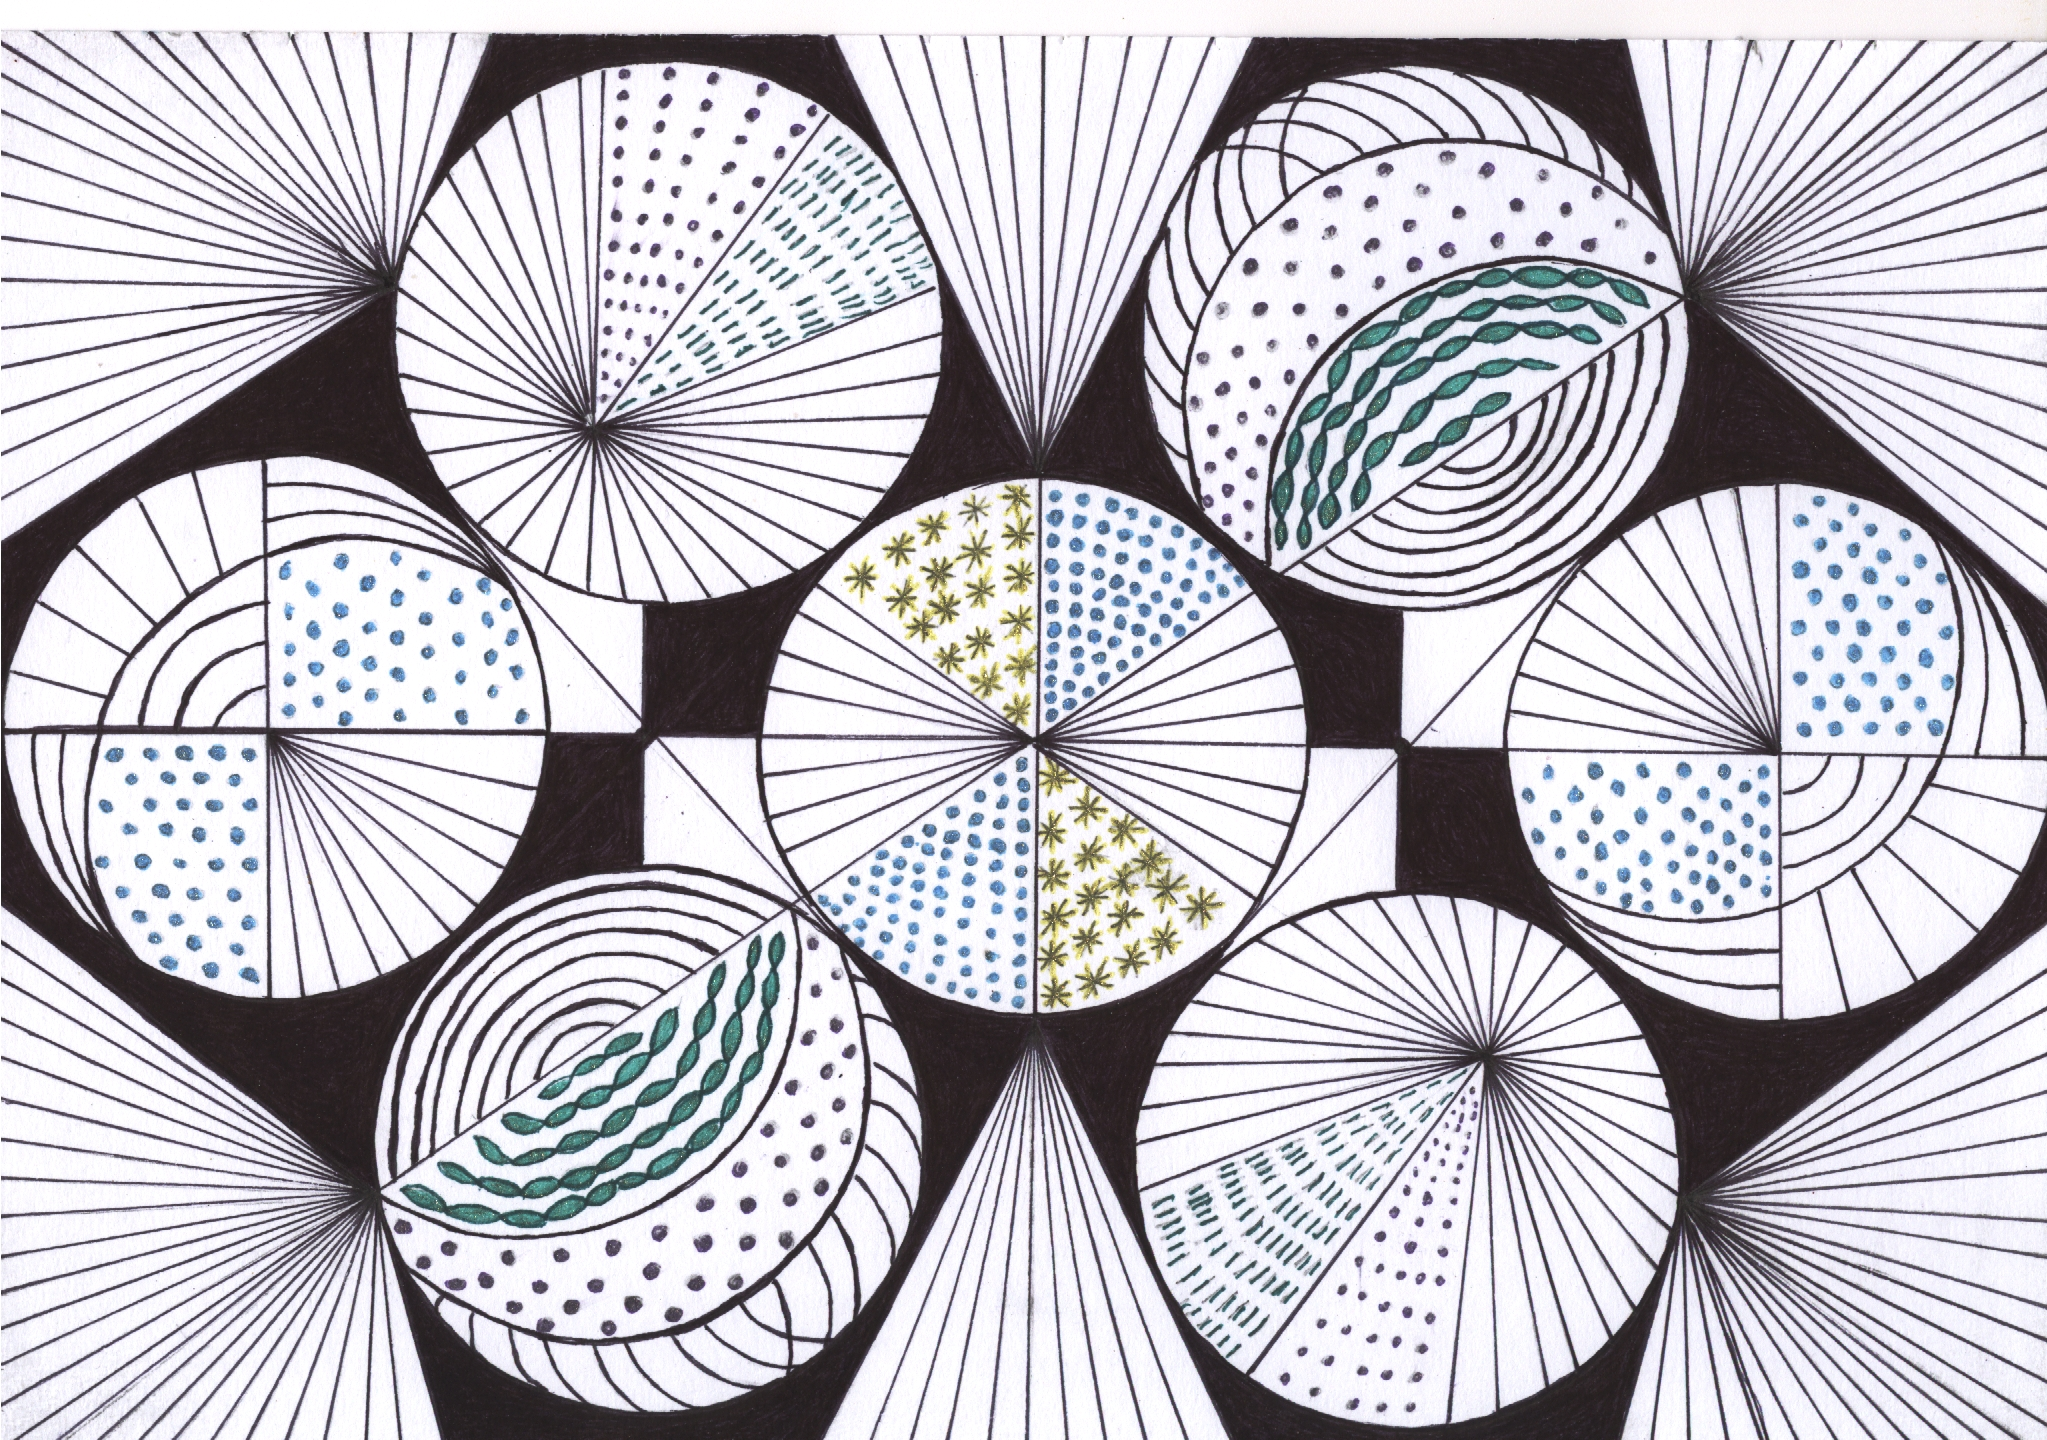 zentangle tekenen, vrije ontwerp zien wat het word